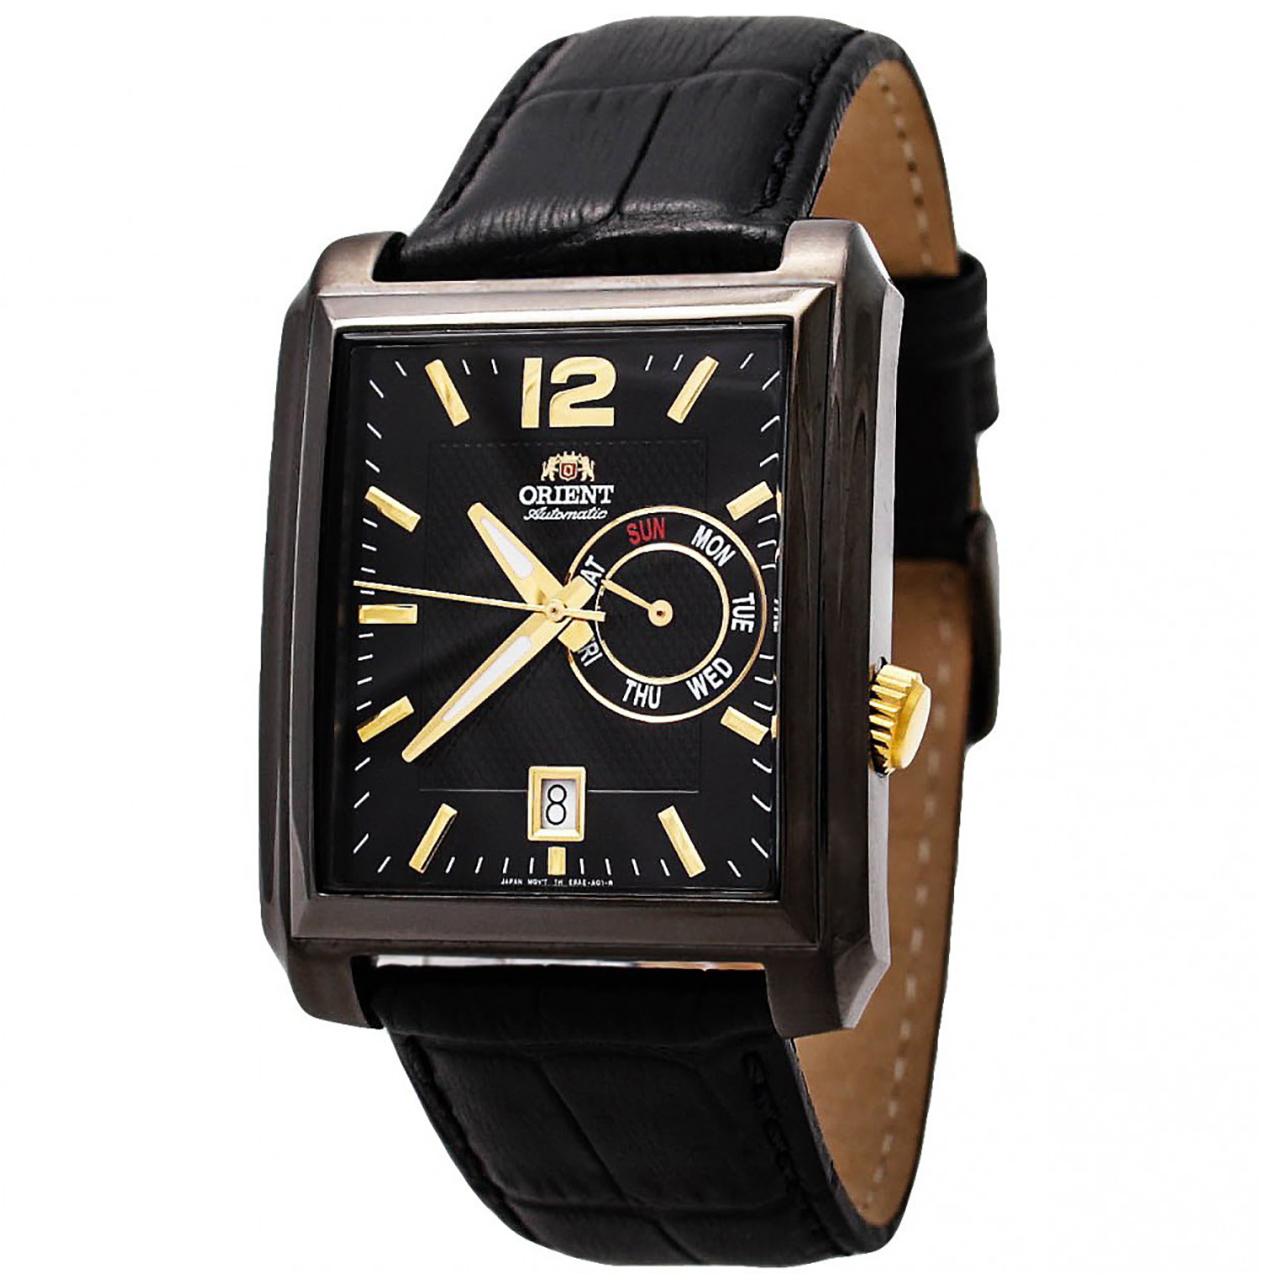 ساعت مچی عقربه ای مردانه  اورینت مدل SESAE005B0 17